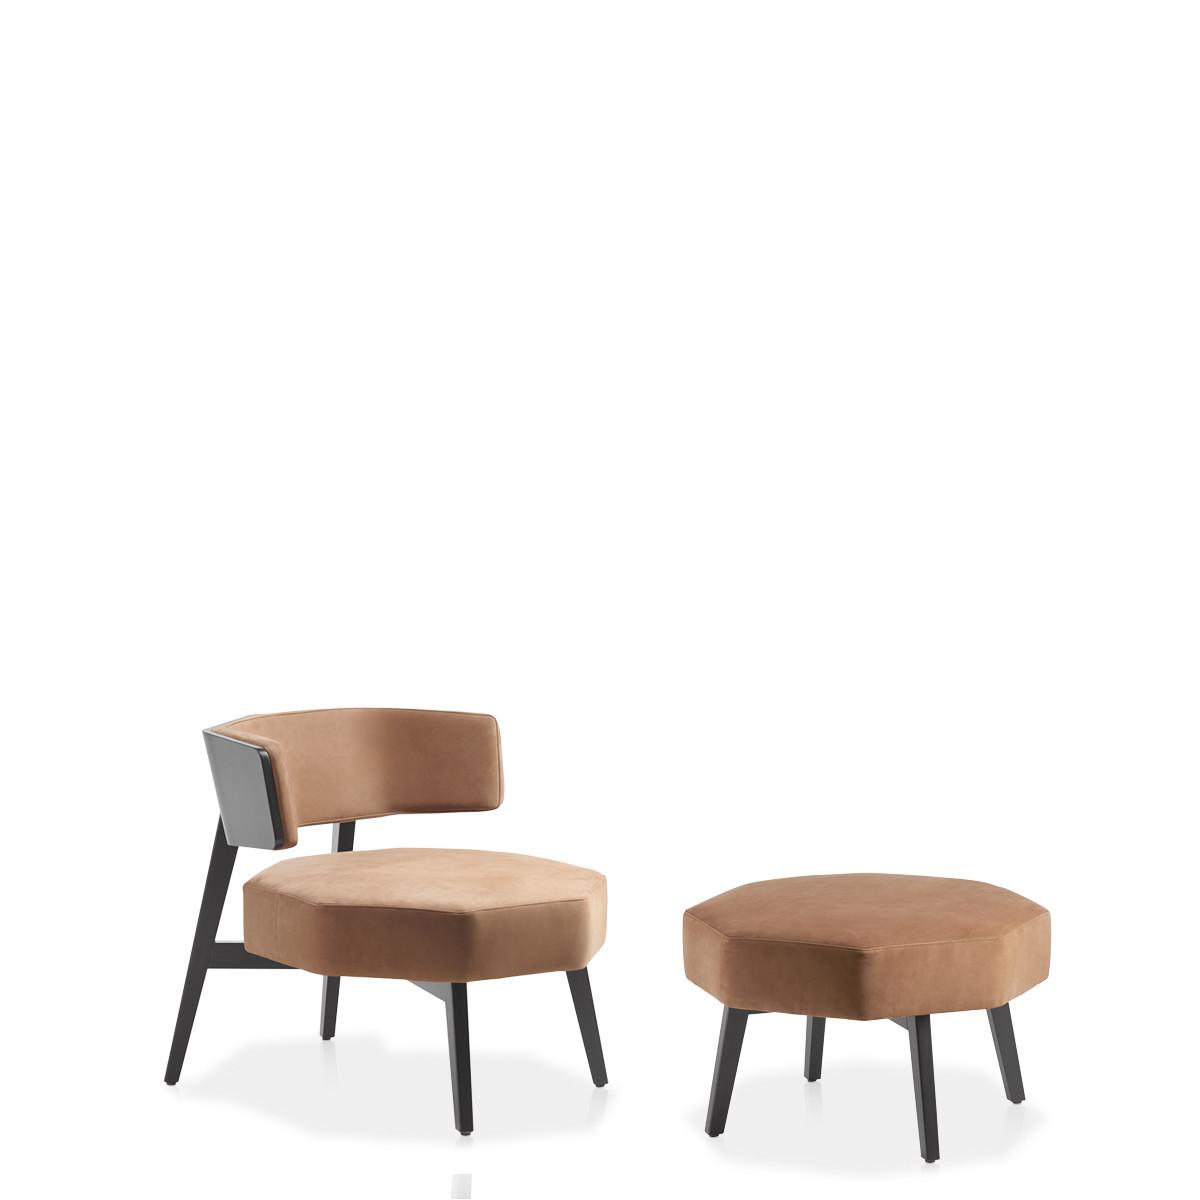 Entdecken Sie bei Conzept Beckord besondere Designmöbel! Hier finden Sie Potocco Sofas und Sessel: Otta